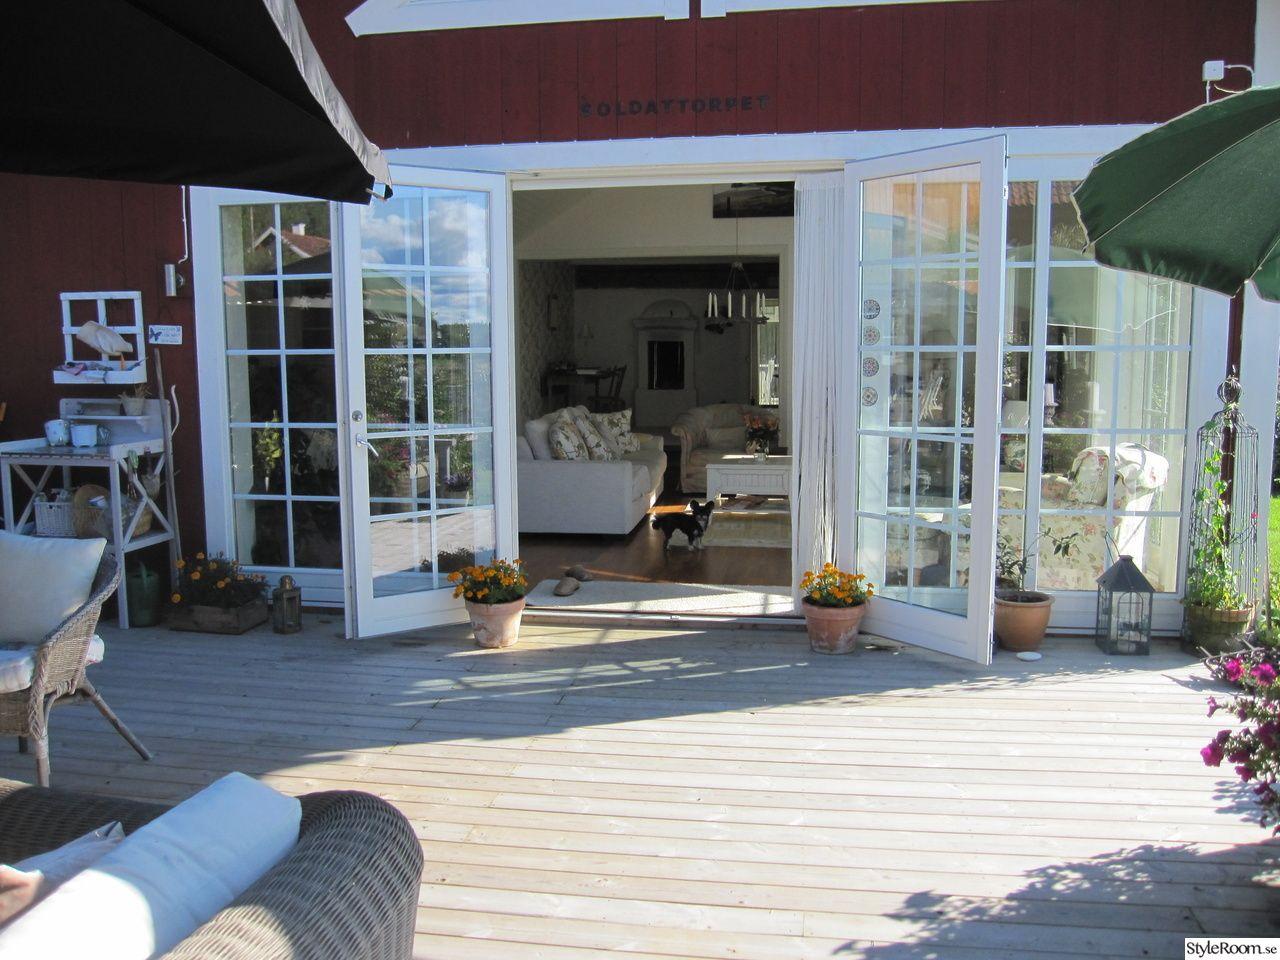 Inredning vinterbonat uterum : Inglasad altan som passar äldre hus   Idéer för hemmet   Pinterest ...